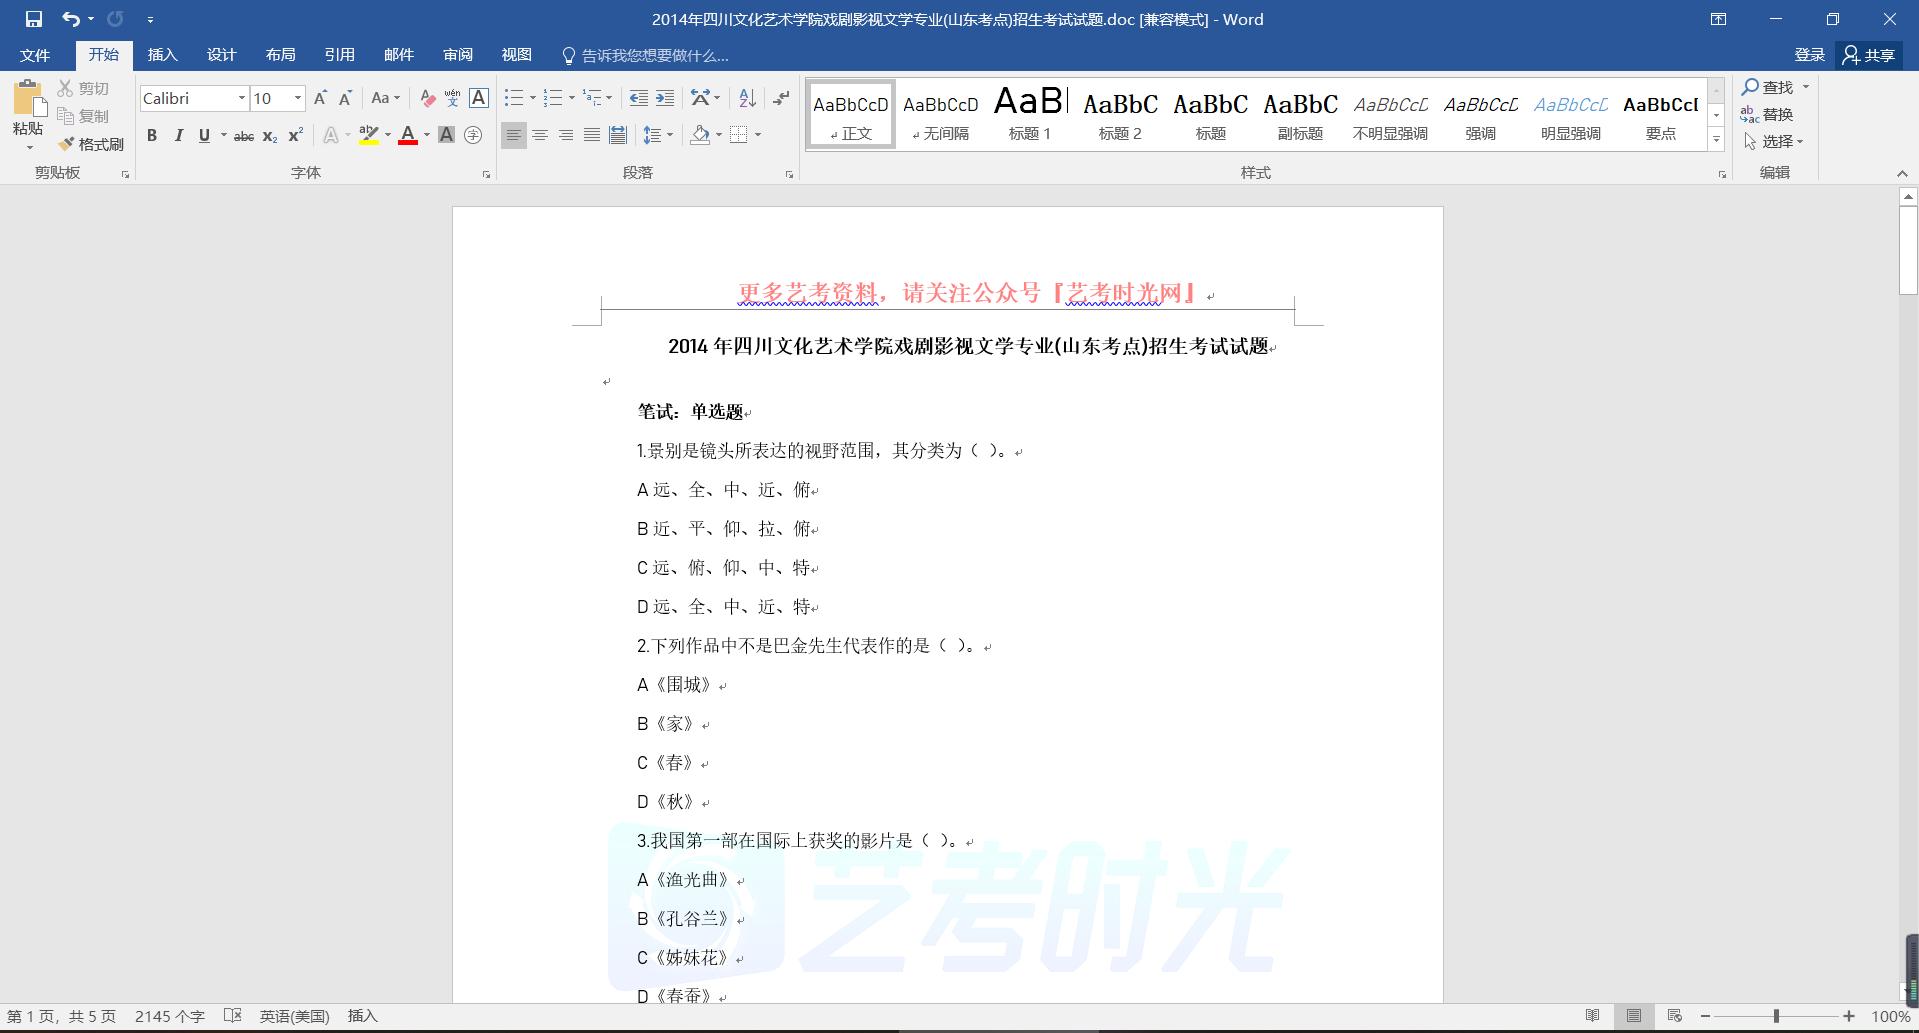 2014年四川文化艺术学院戏剧影视文学真题(含答案)